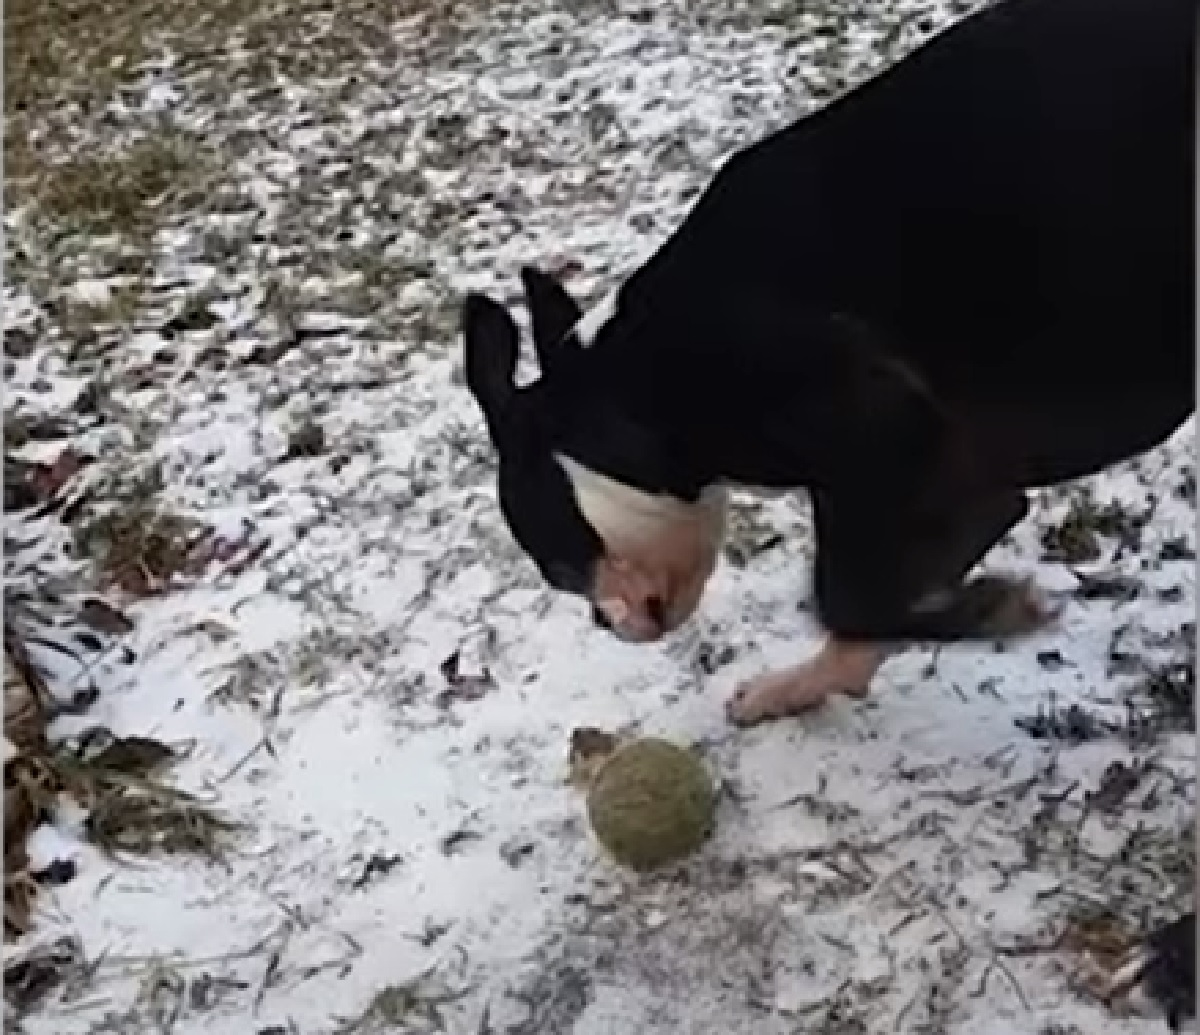 manson cucciolo boston terrier esce giorno dopo